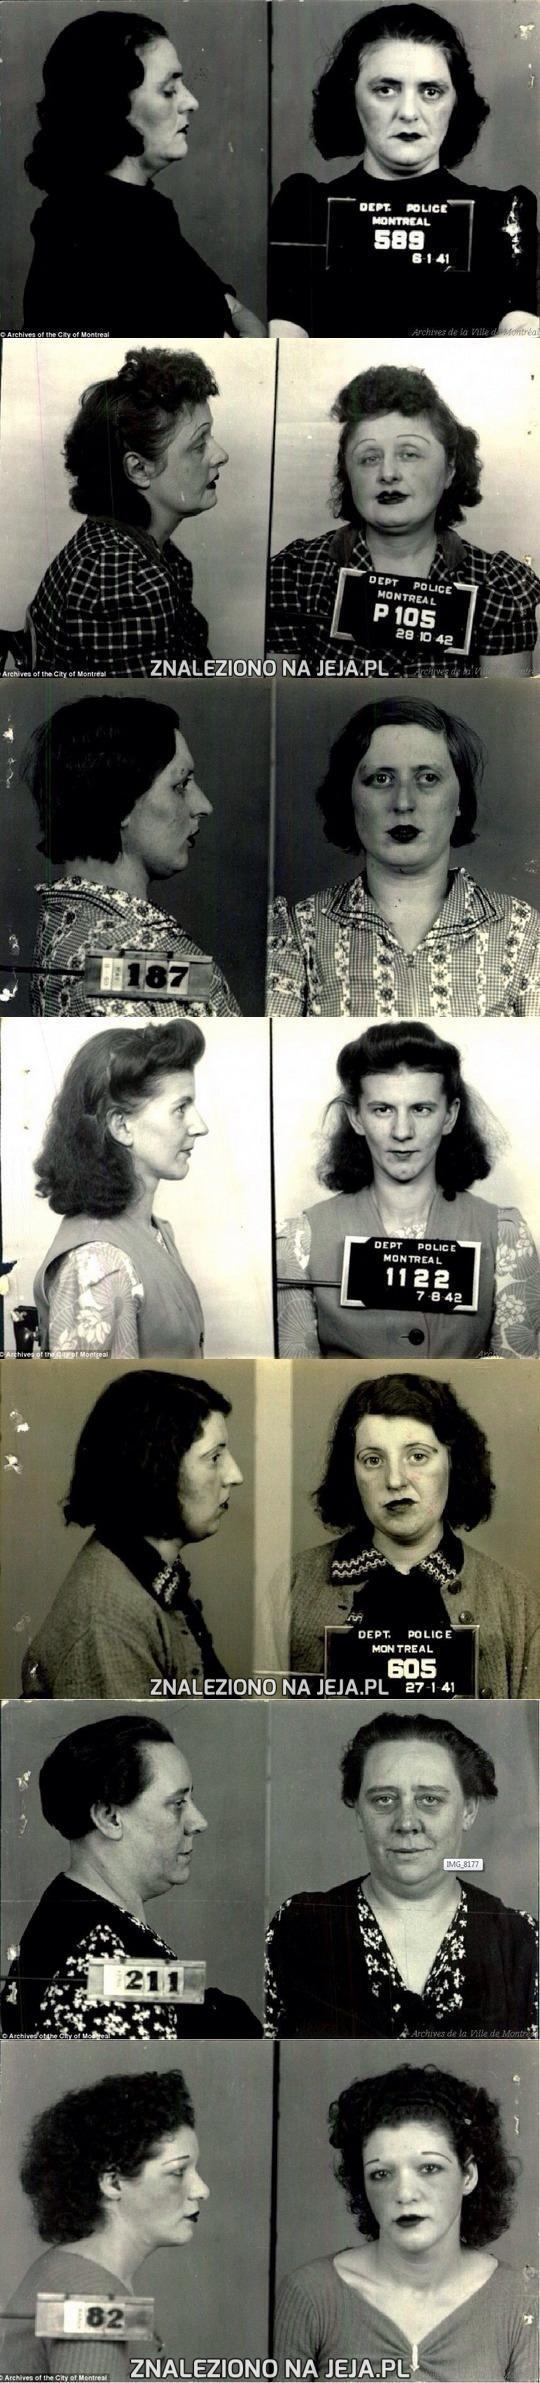 Kanadyjskie prostytutki. Rok 1940